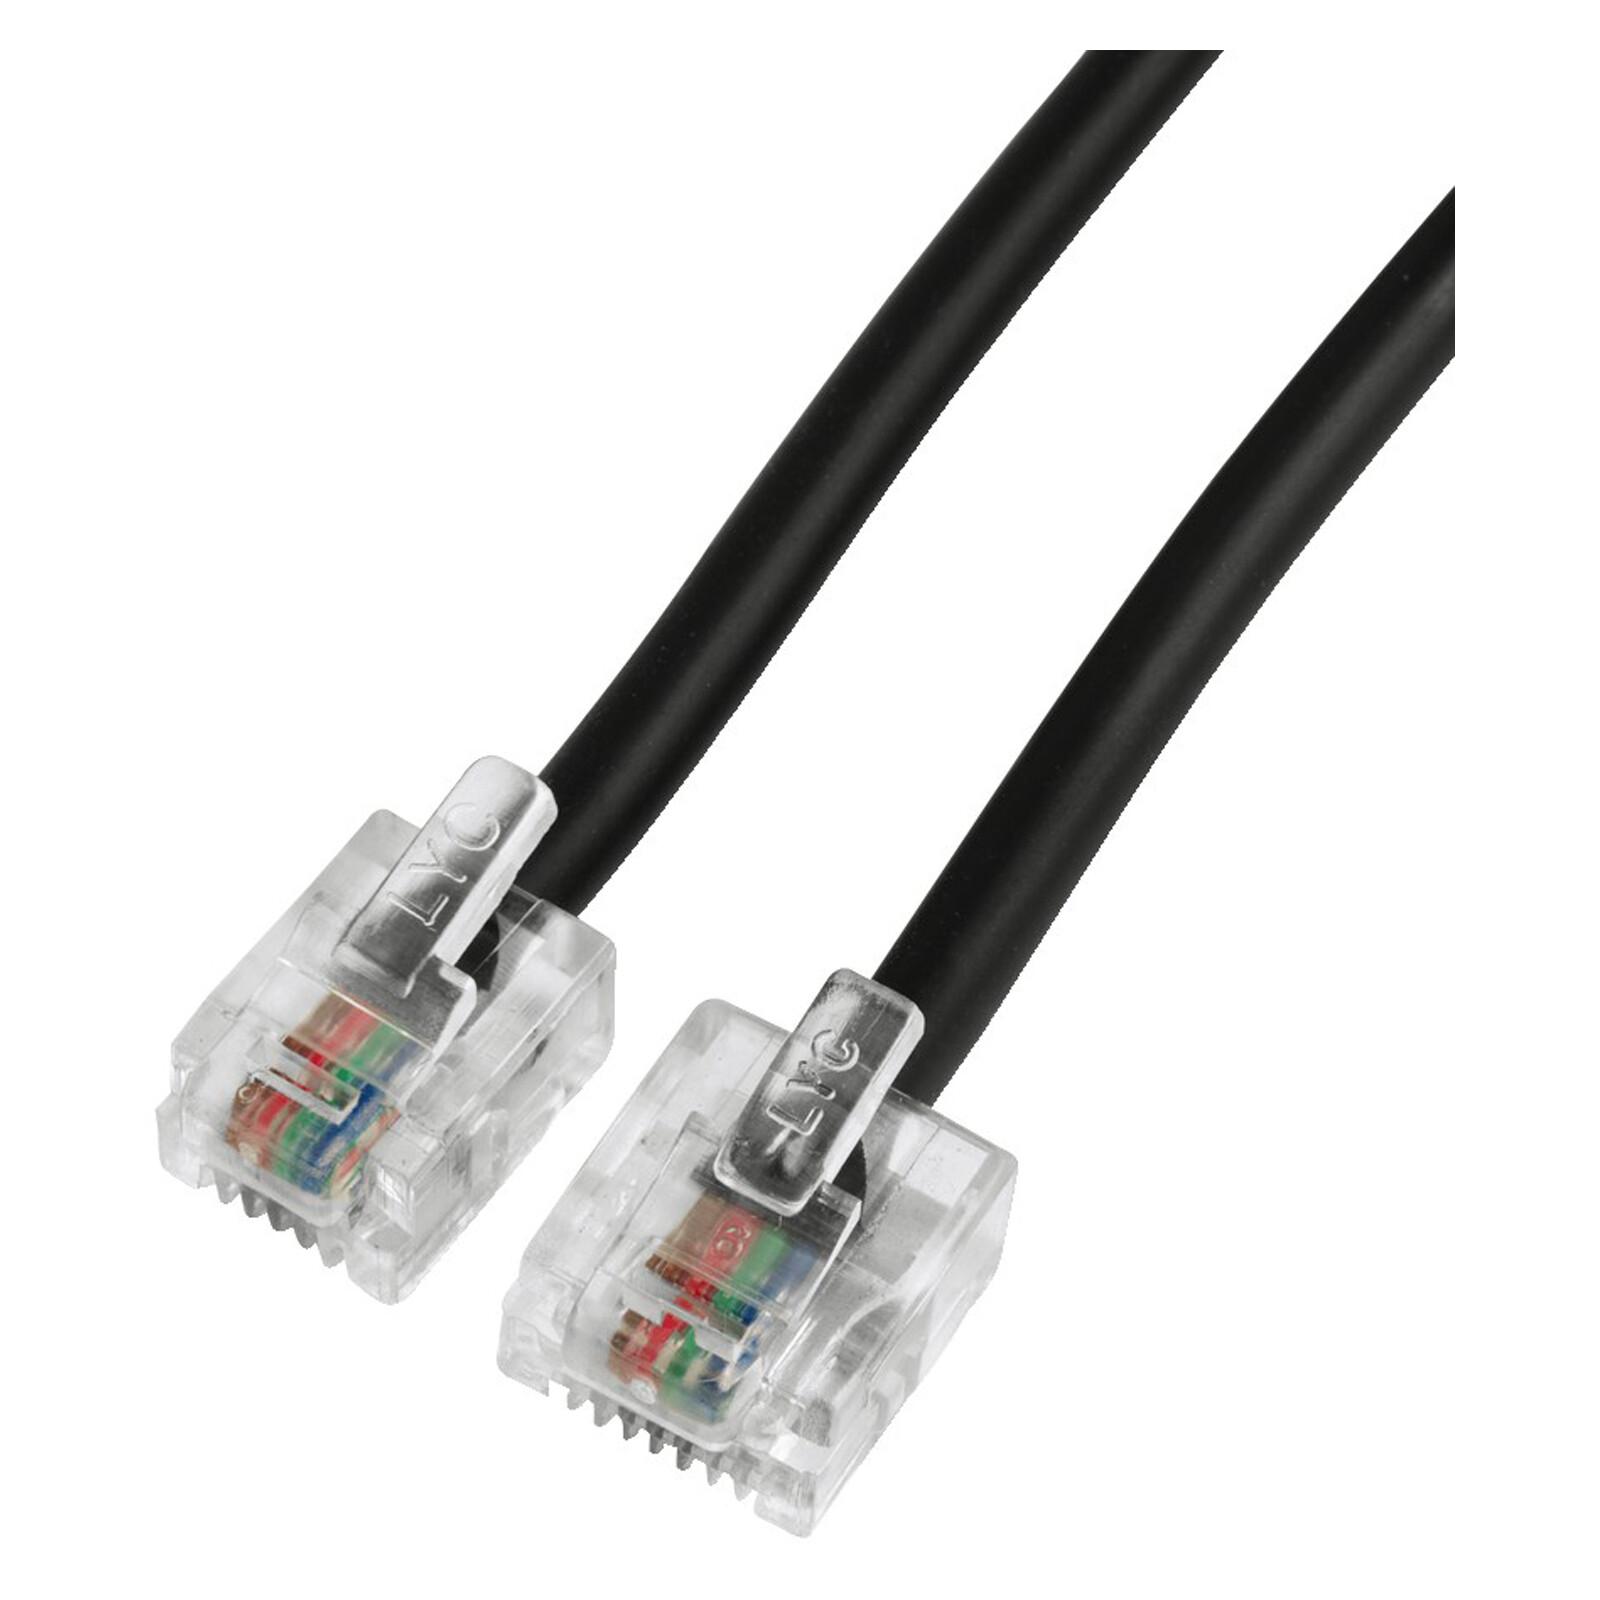 Hama 44500 Modular-Stecker 8p4c